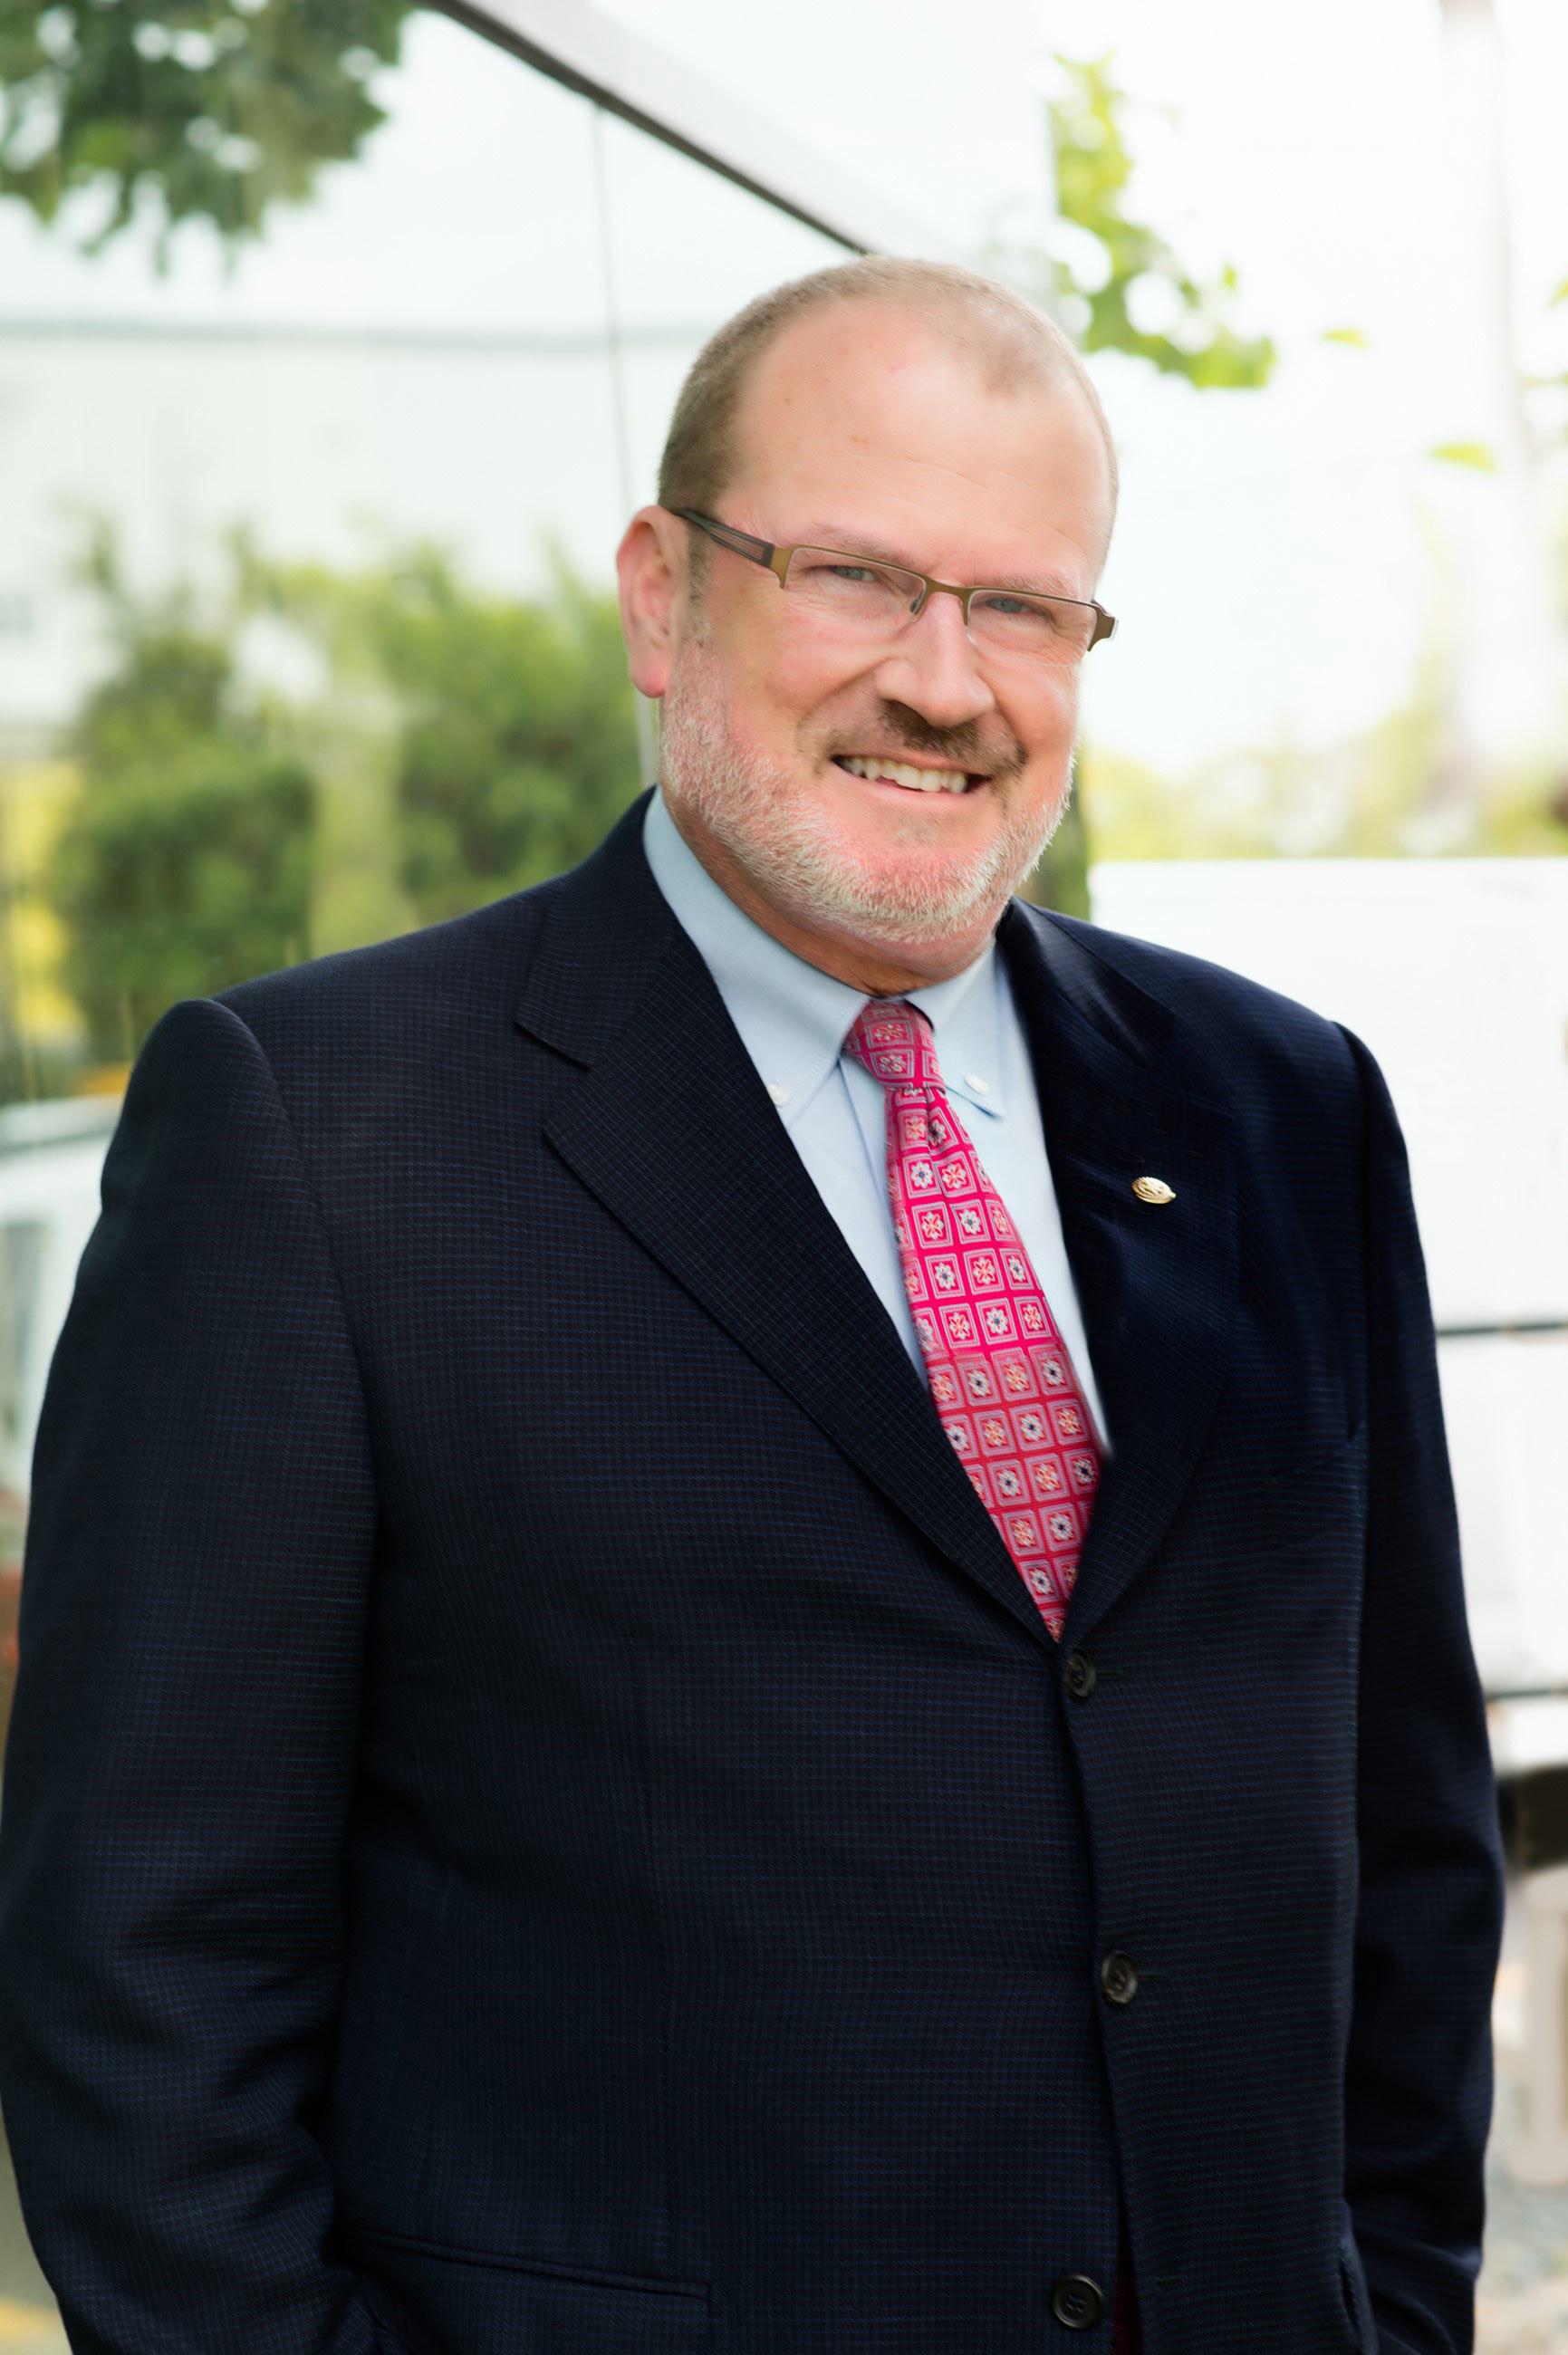 Bill Earley